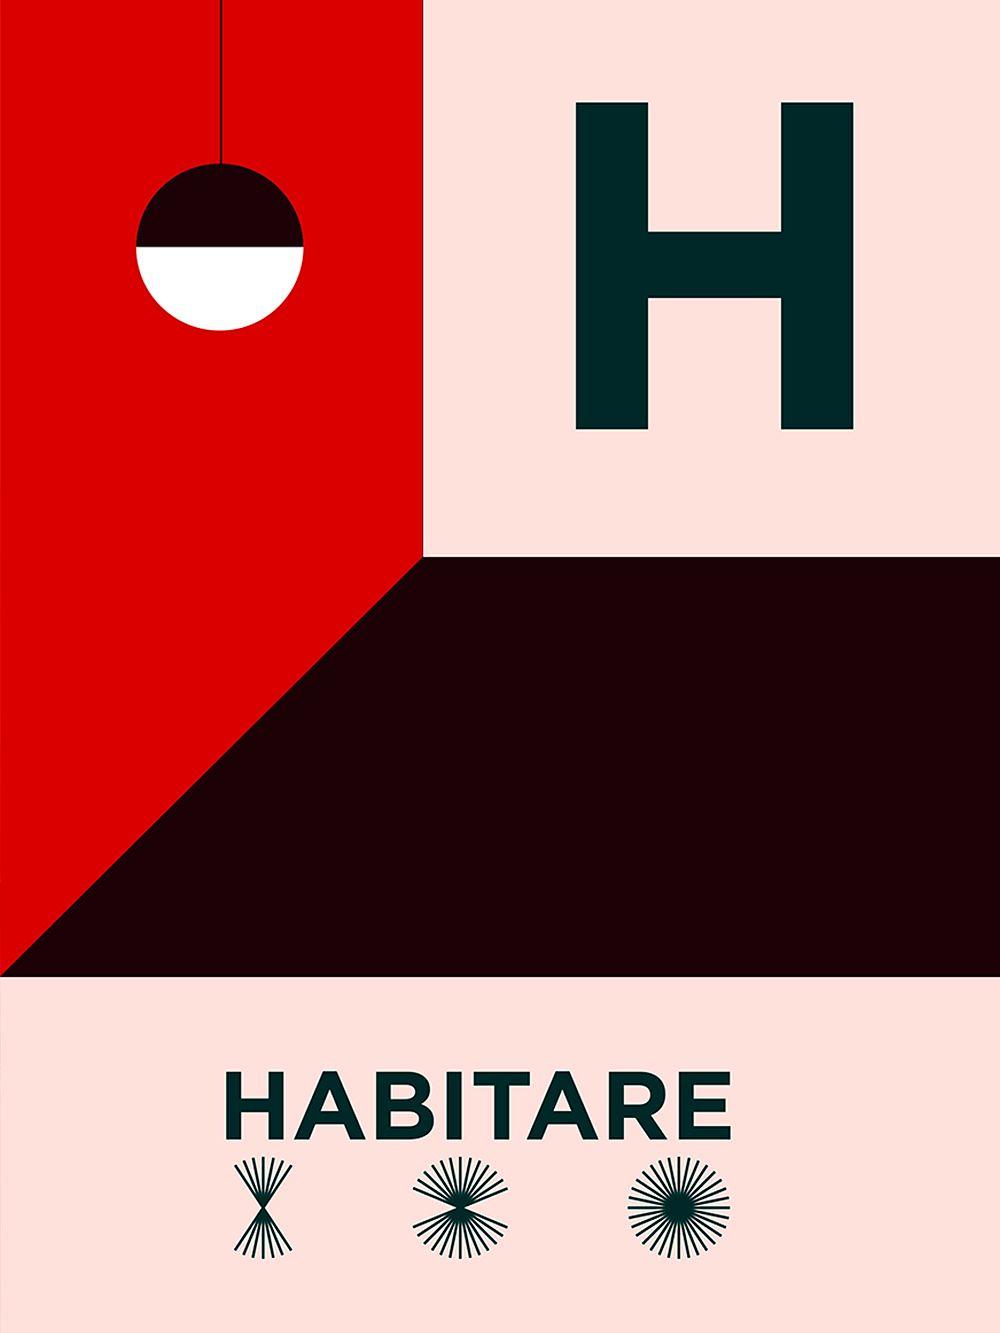 Habitare